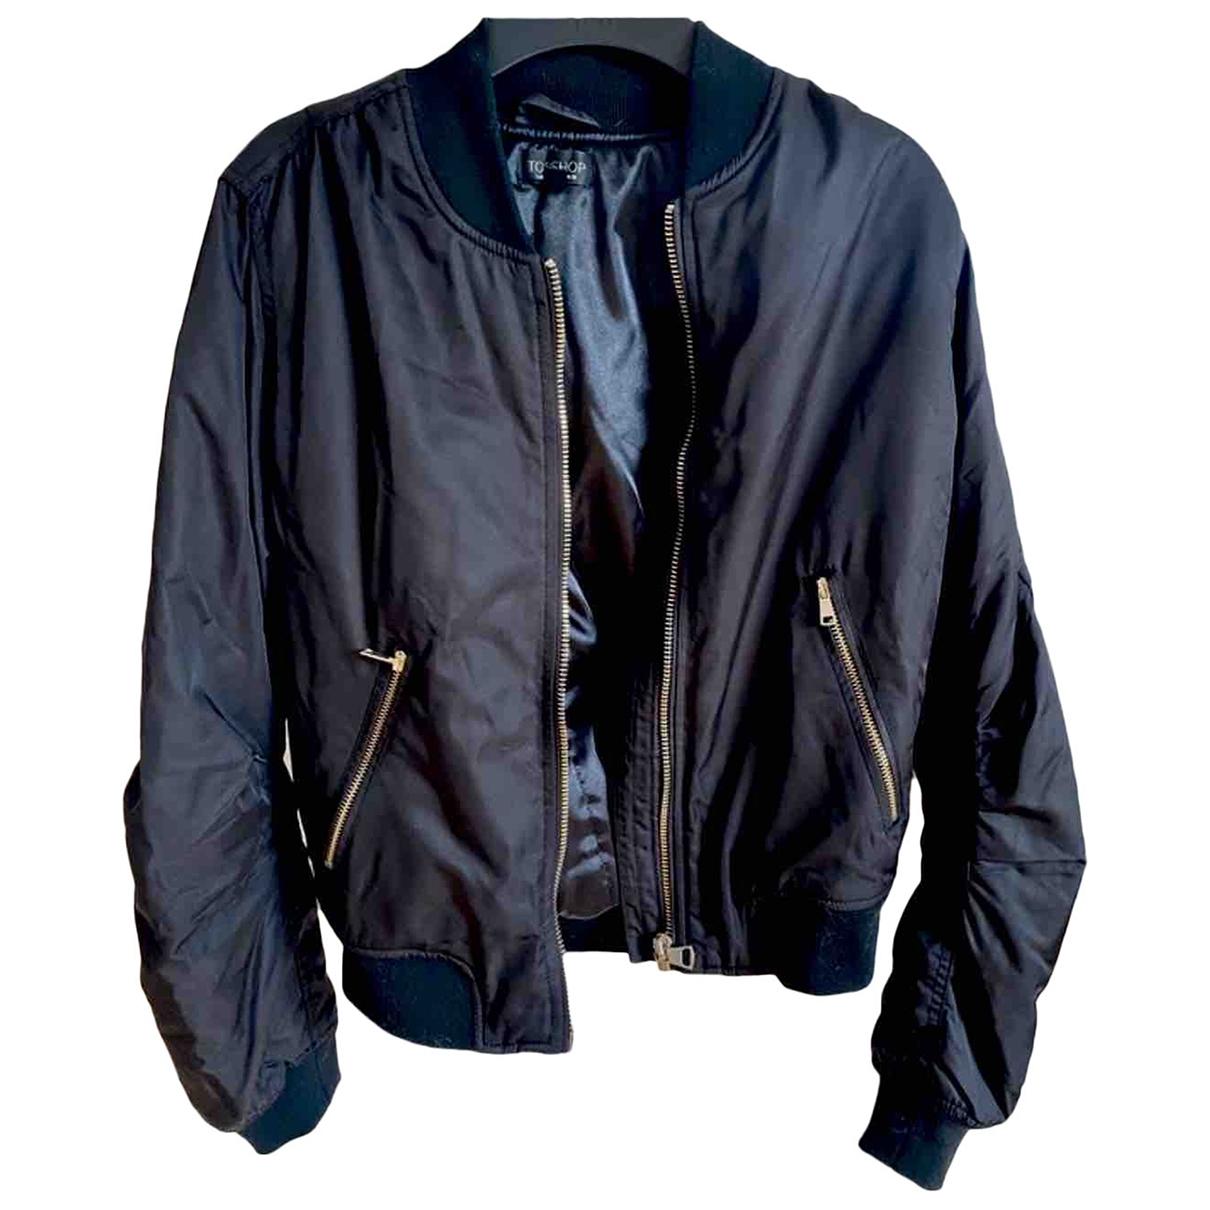 tophop \N Black jacket for Women 38 FR